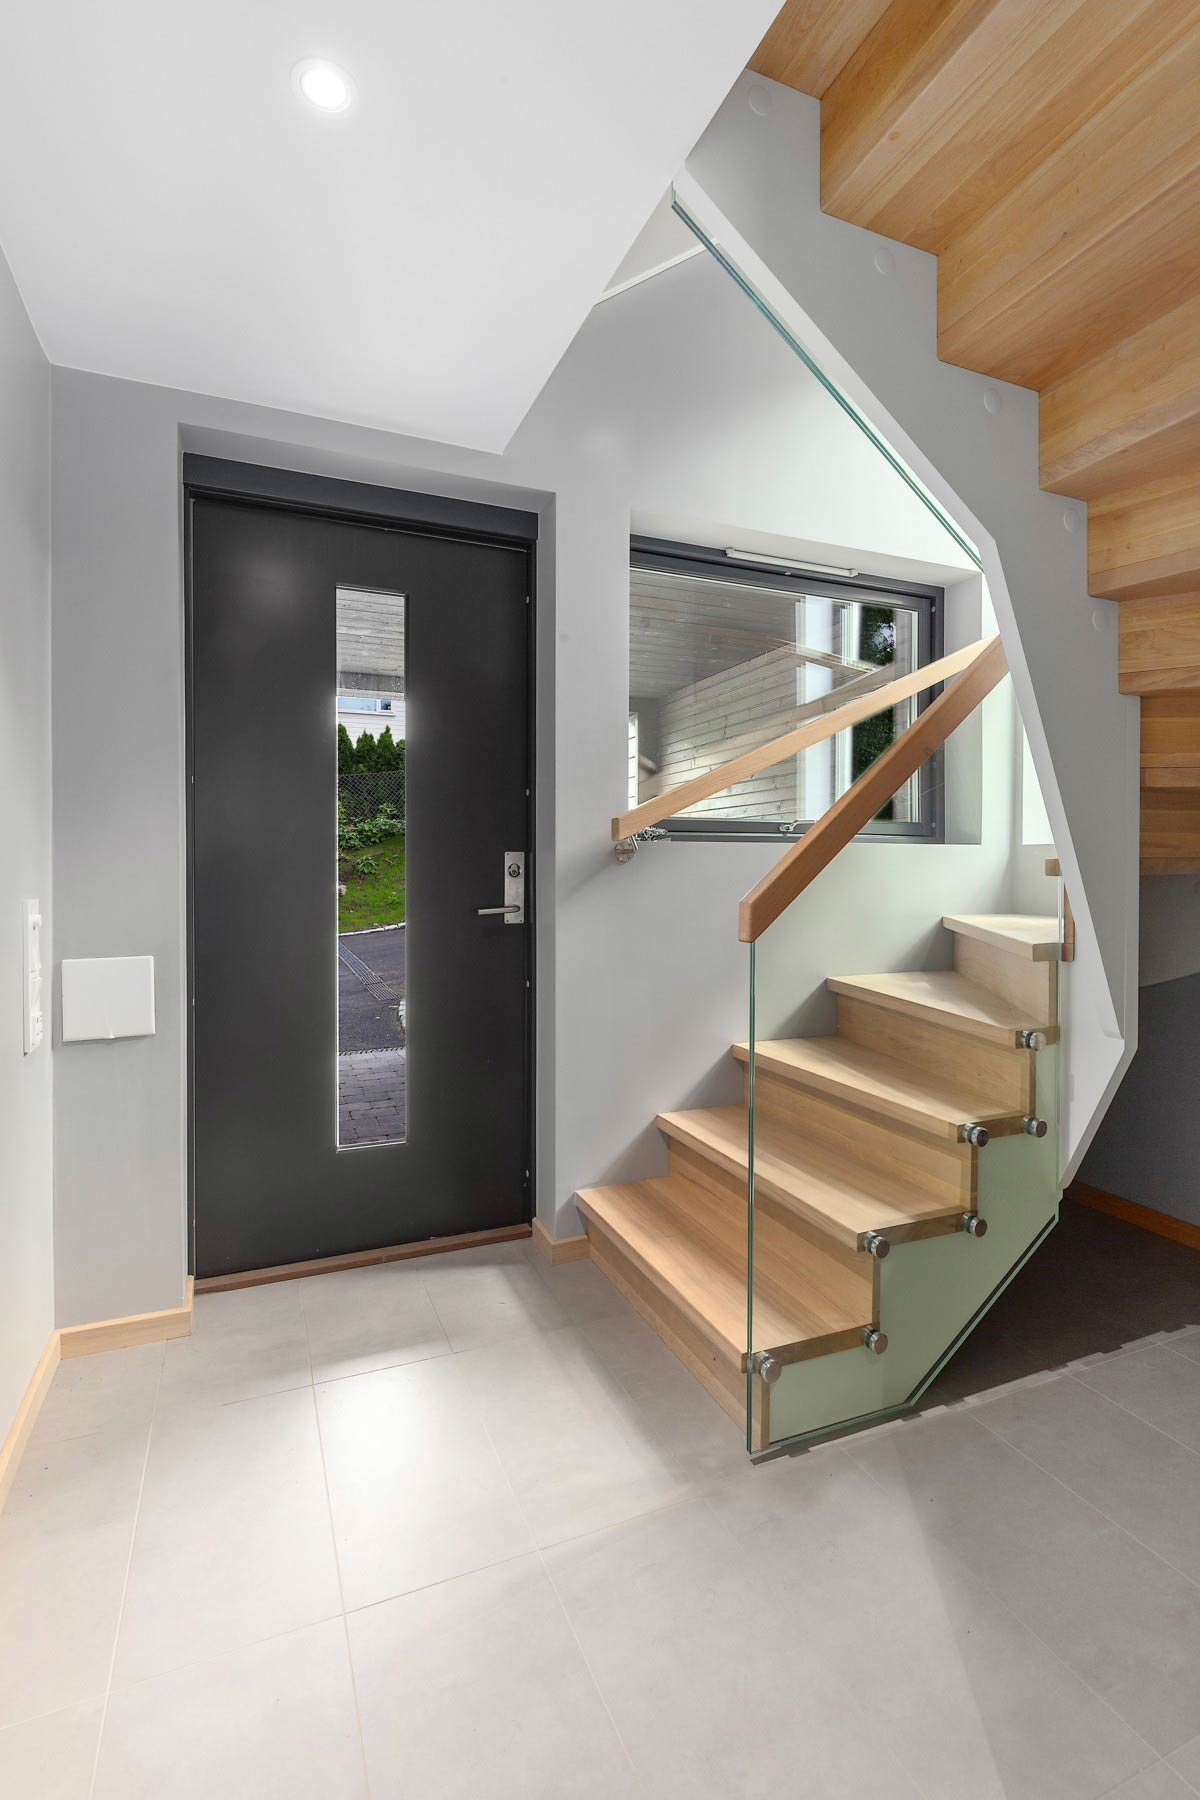 Moderne tretrapp med glassrekkverk og trinn i eik